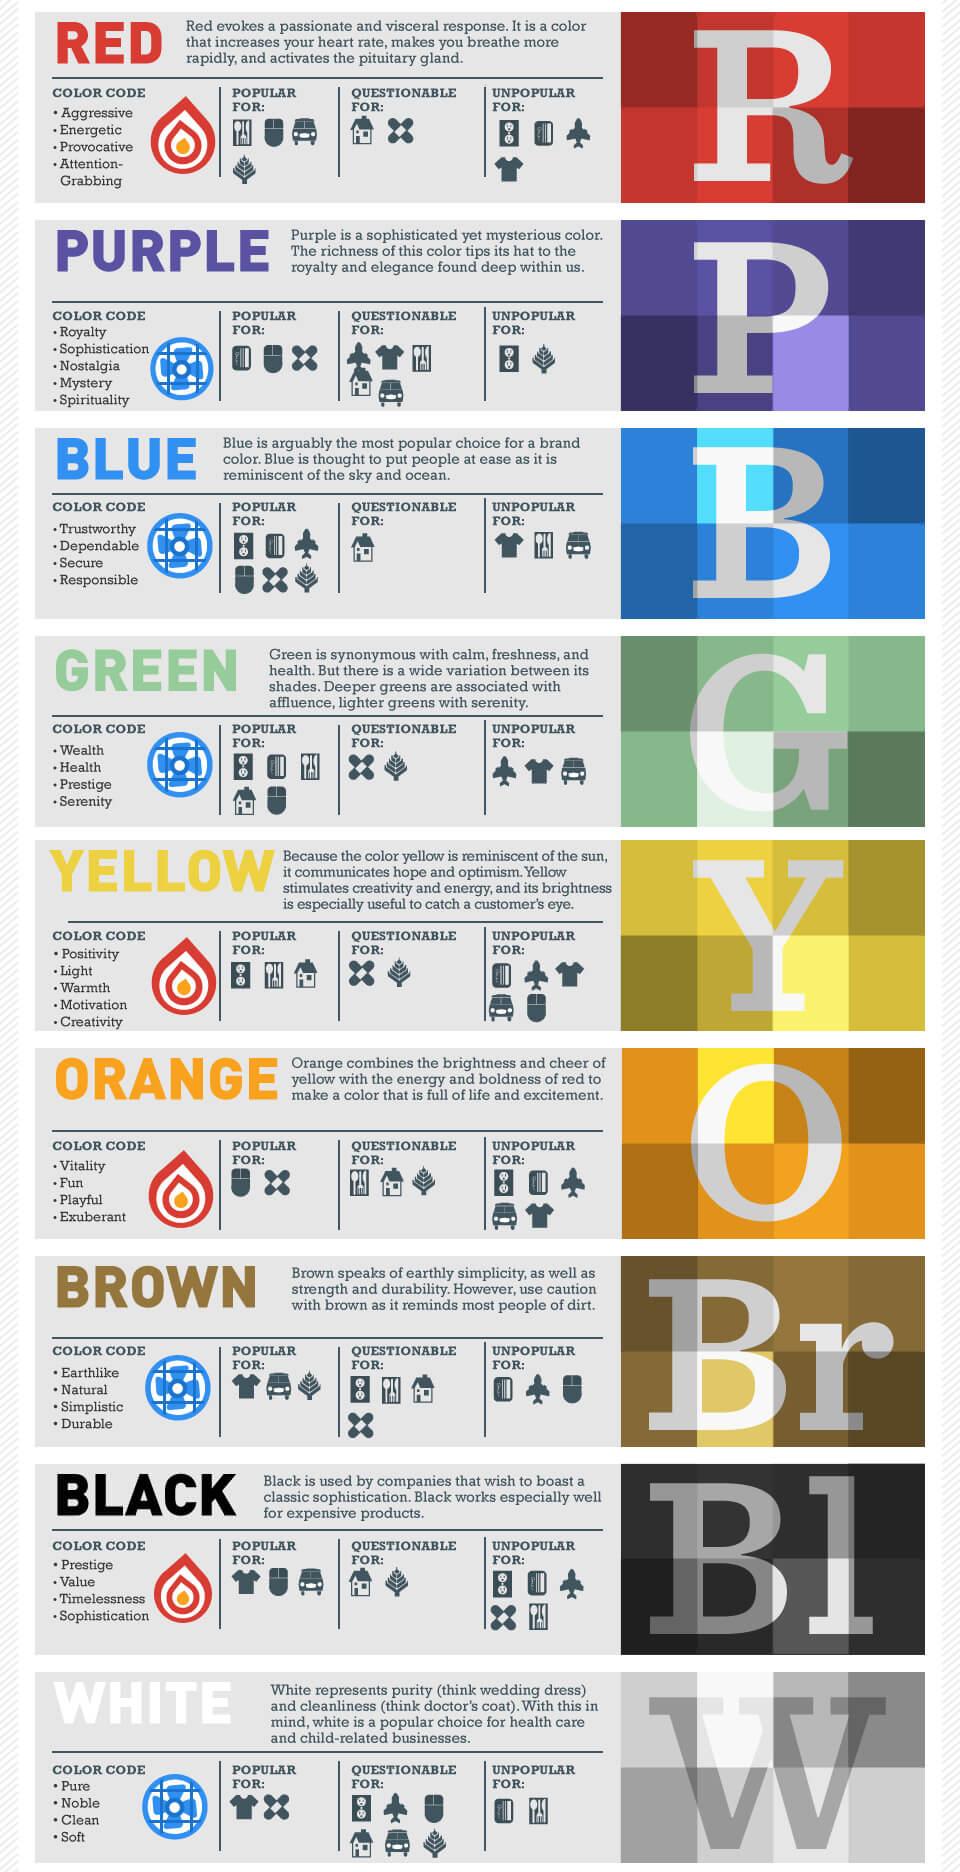 L'importanza dei colori nella definizione della brand identity